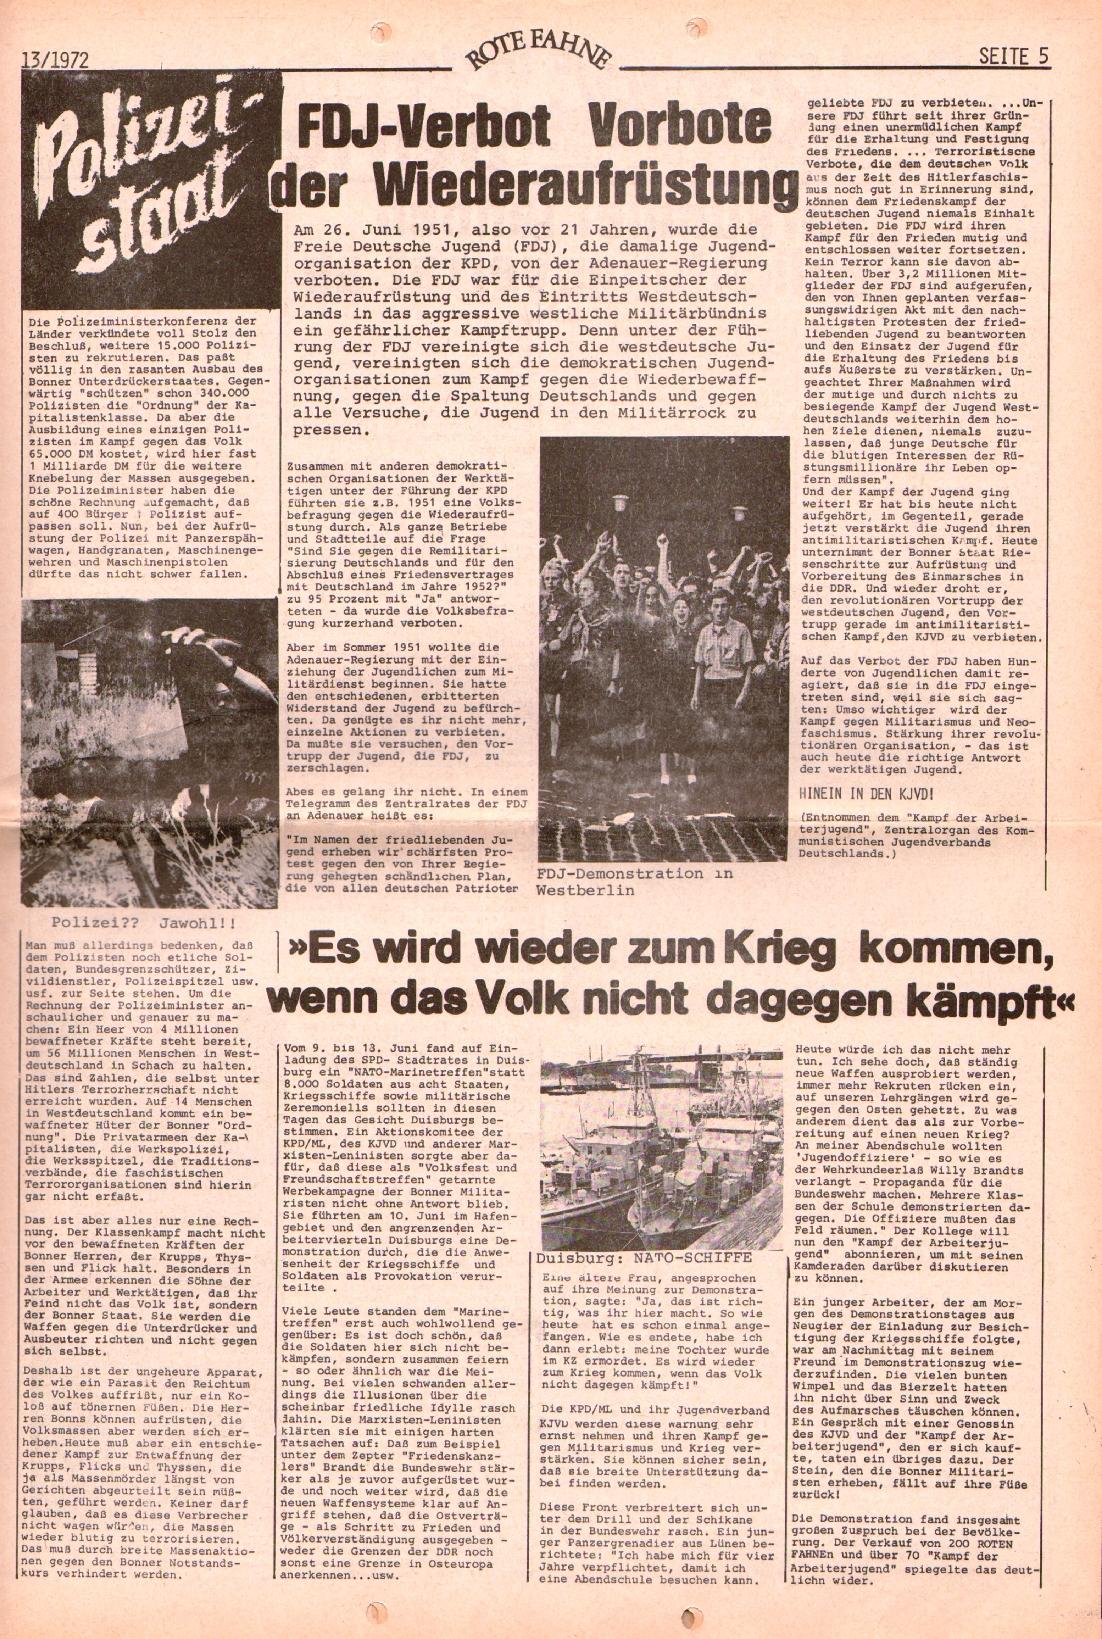 Rote Fahne, 3. Jg., 28.6.1972, Nr. 13, Seite 5